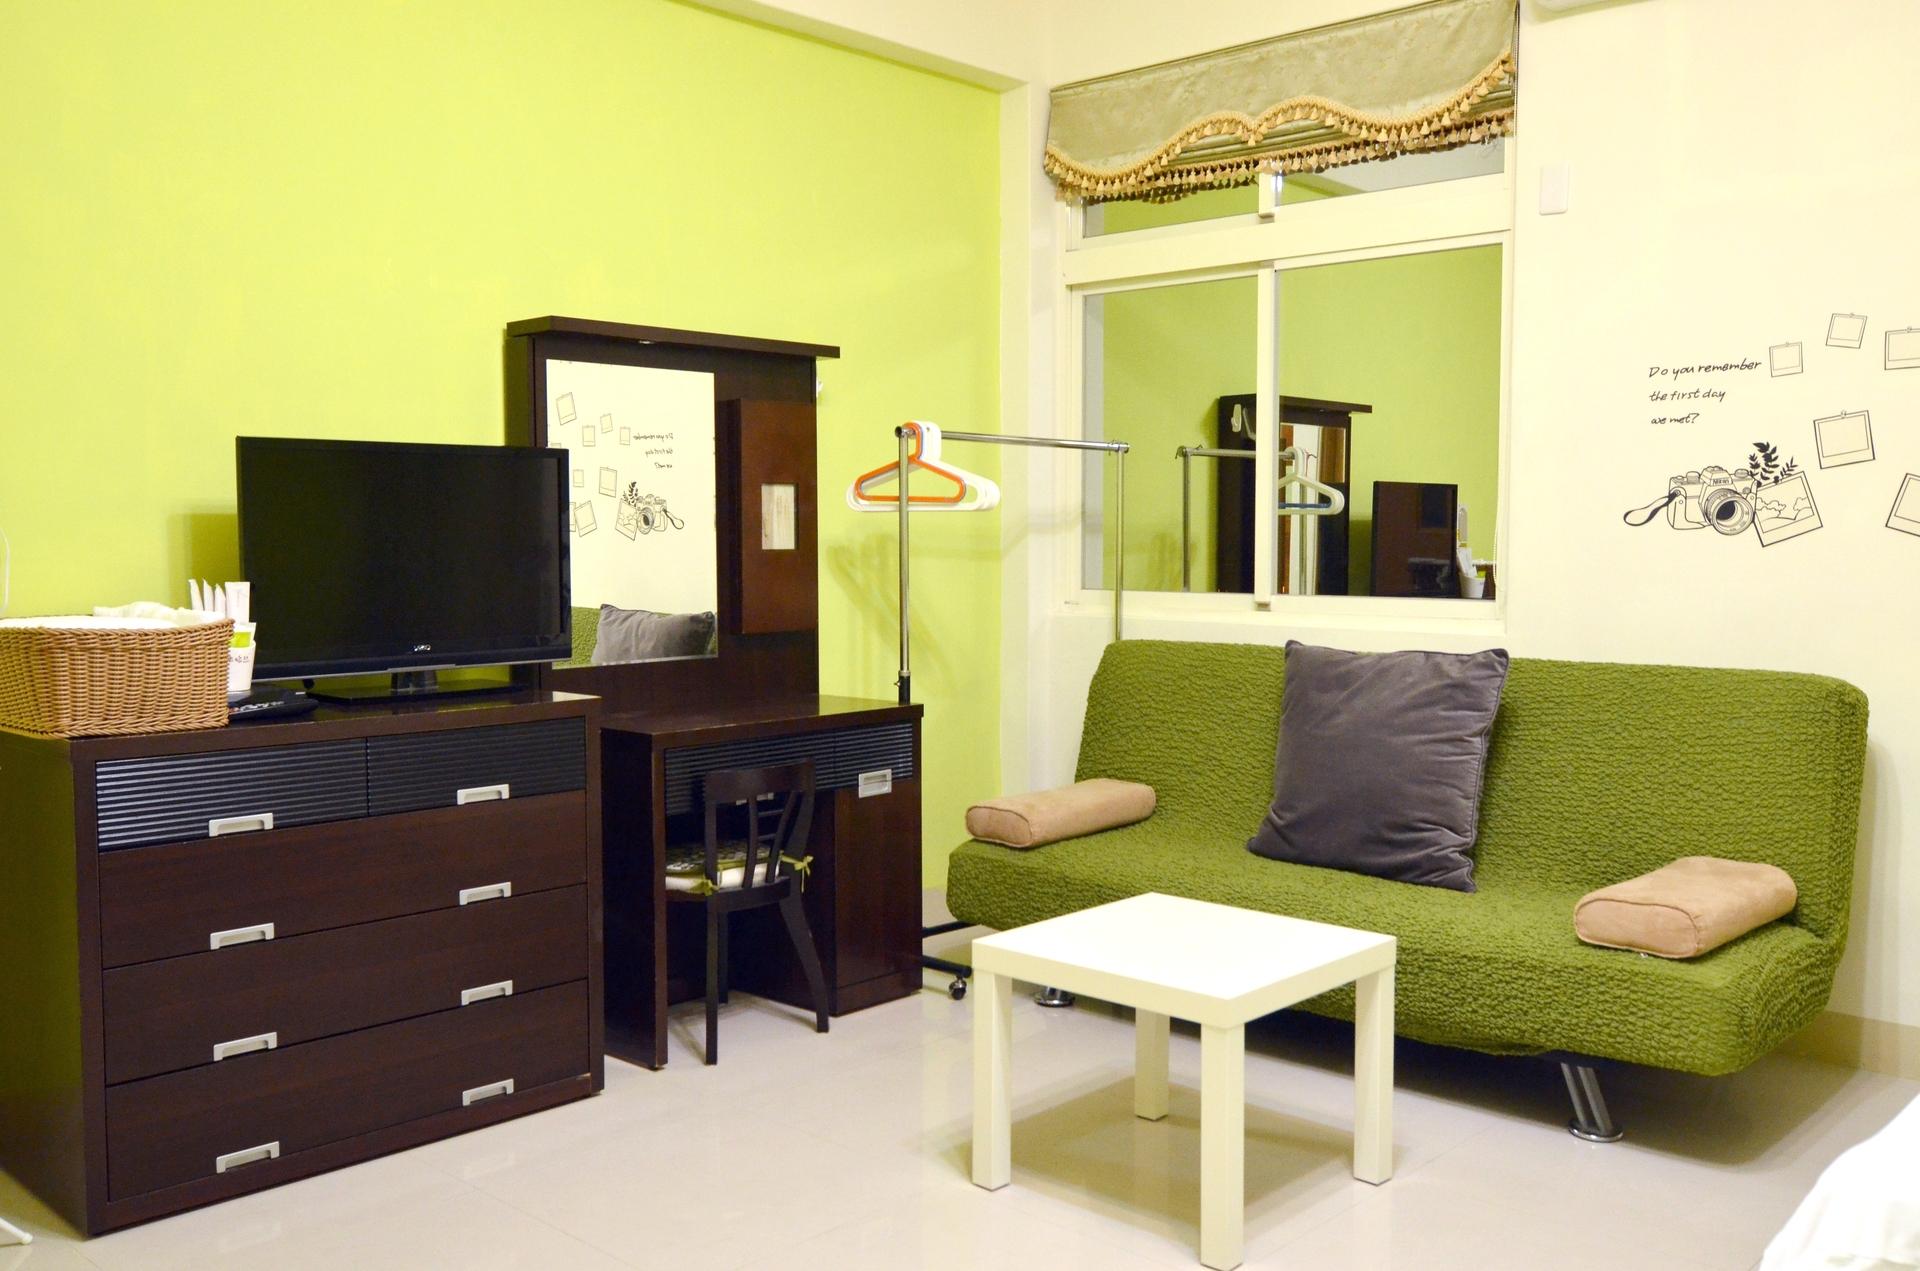 301-room3